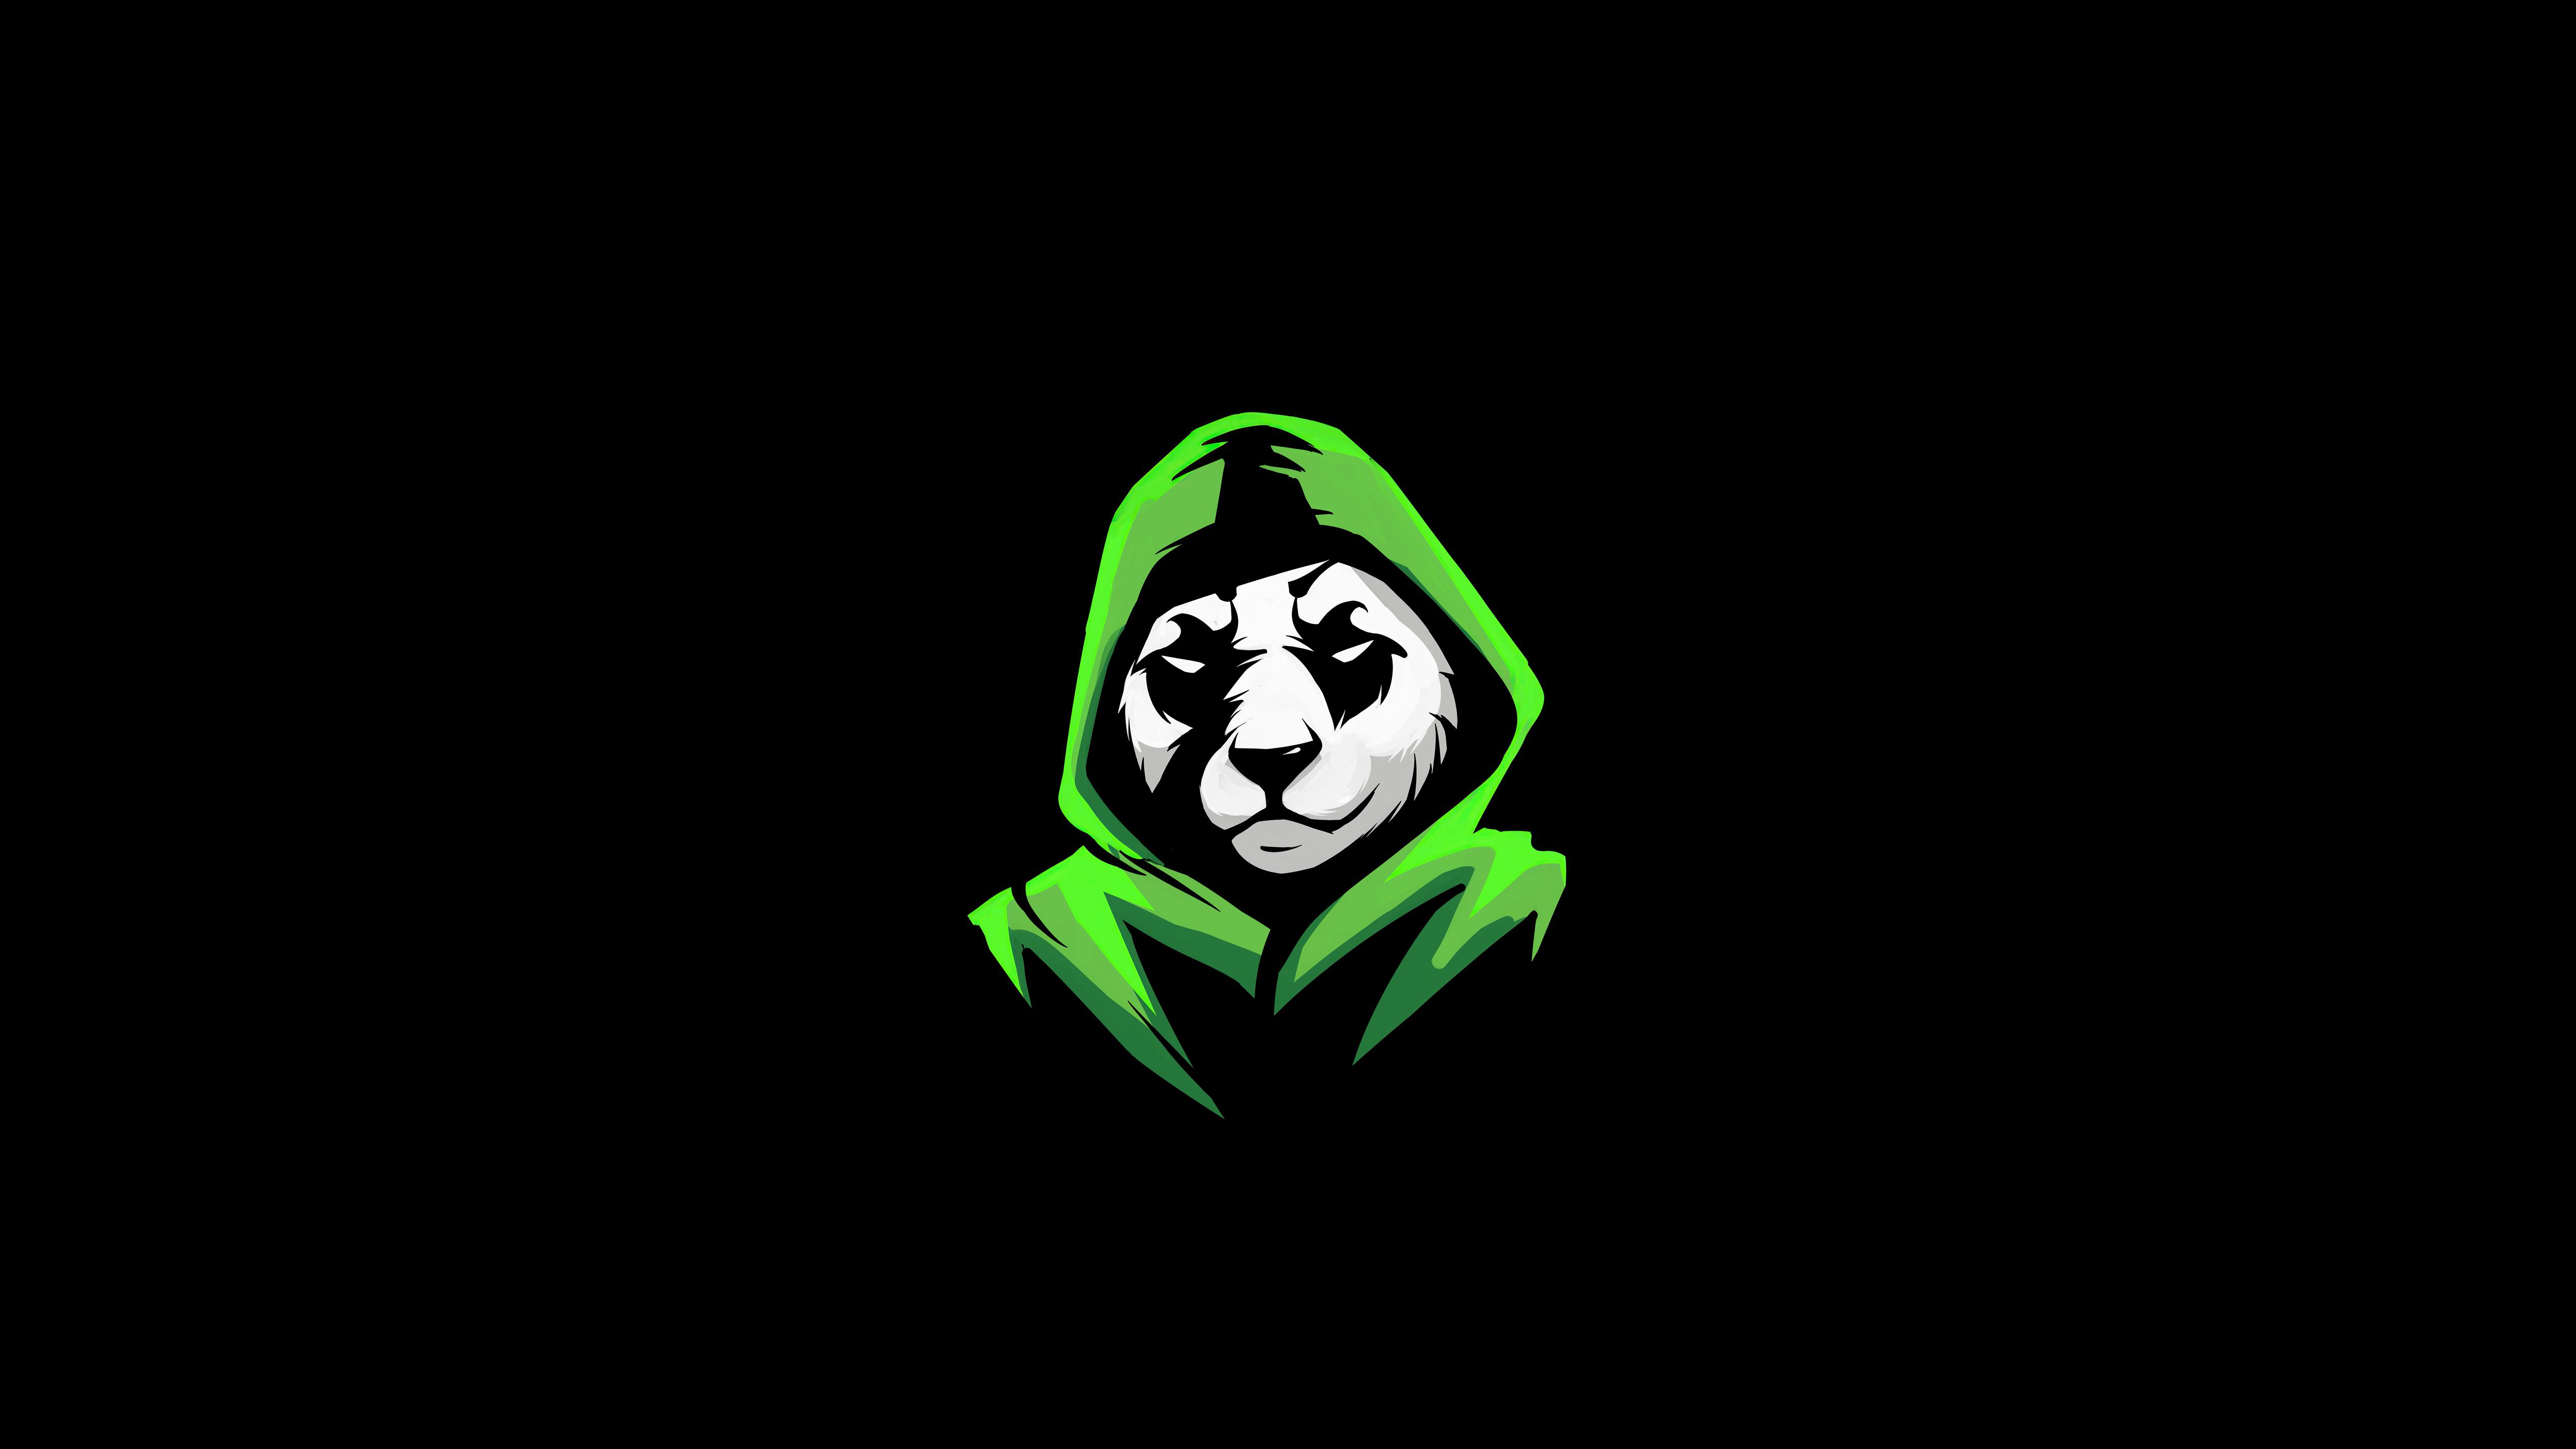 no worries panda 4k 1618131491 - No Worries Panda 4k - No Worries Panda 4k wallpapers